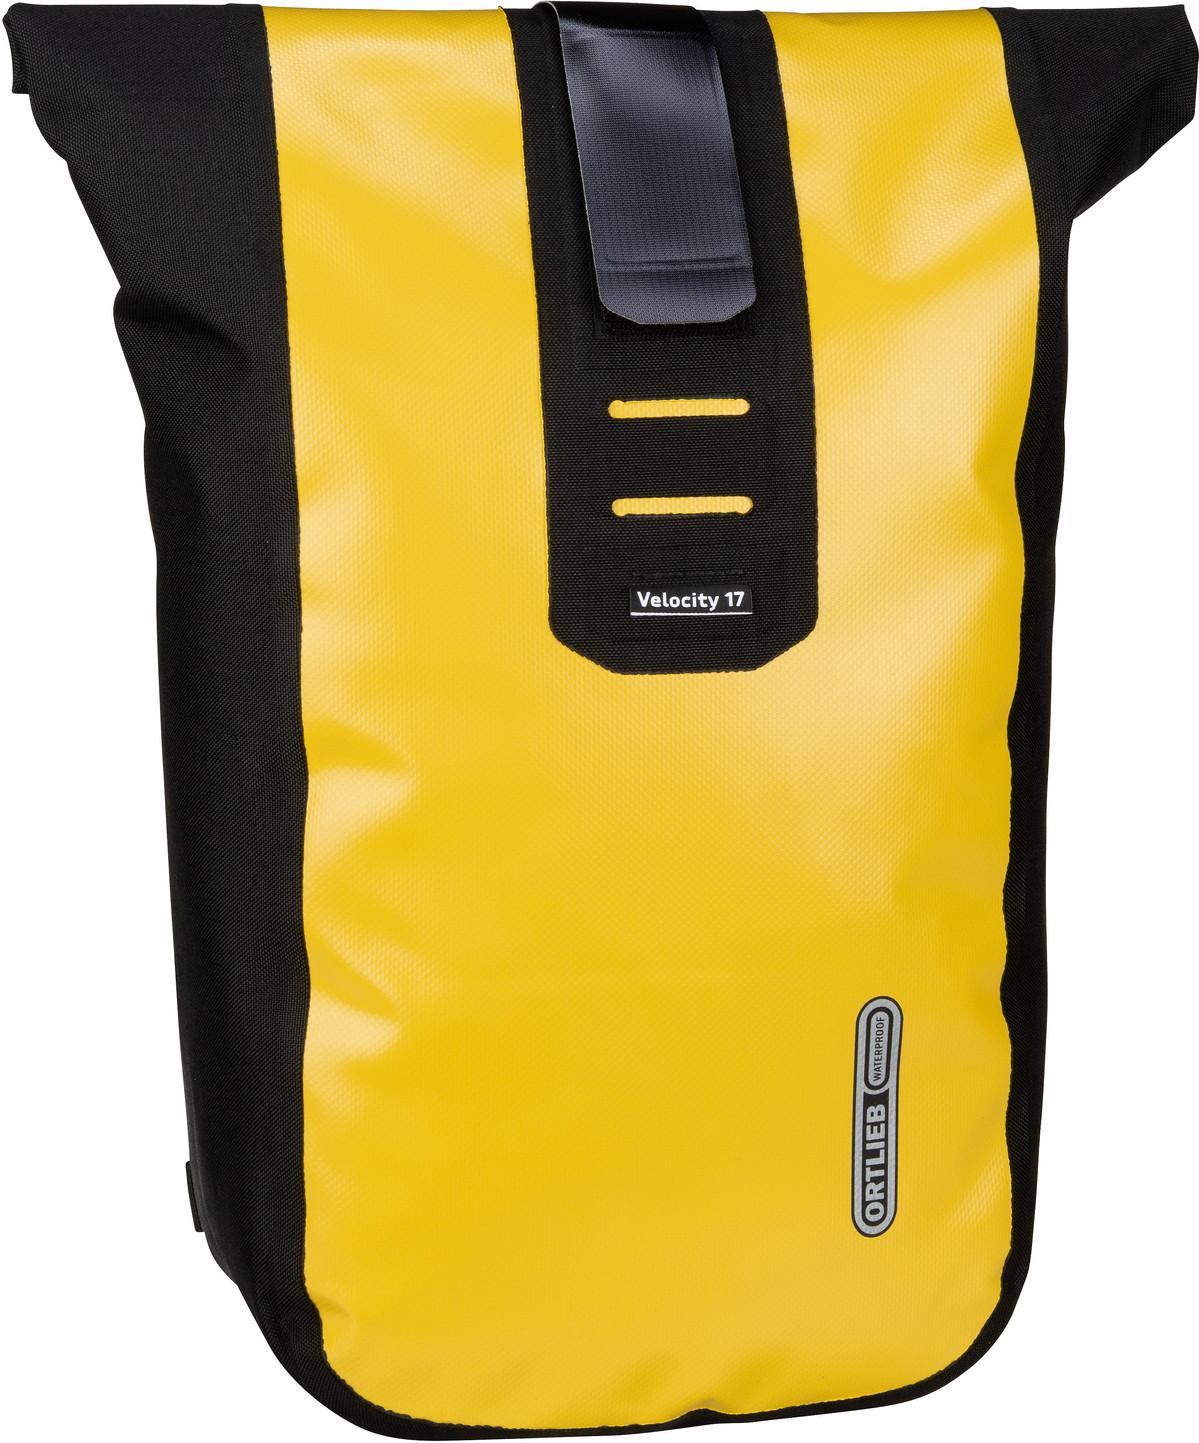 Rucksack / Daypack Velocity 17L Yellow-Black (17 Liter)